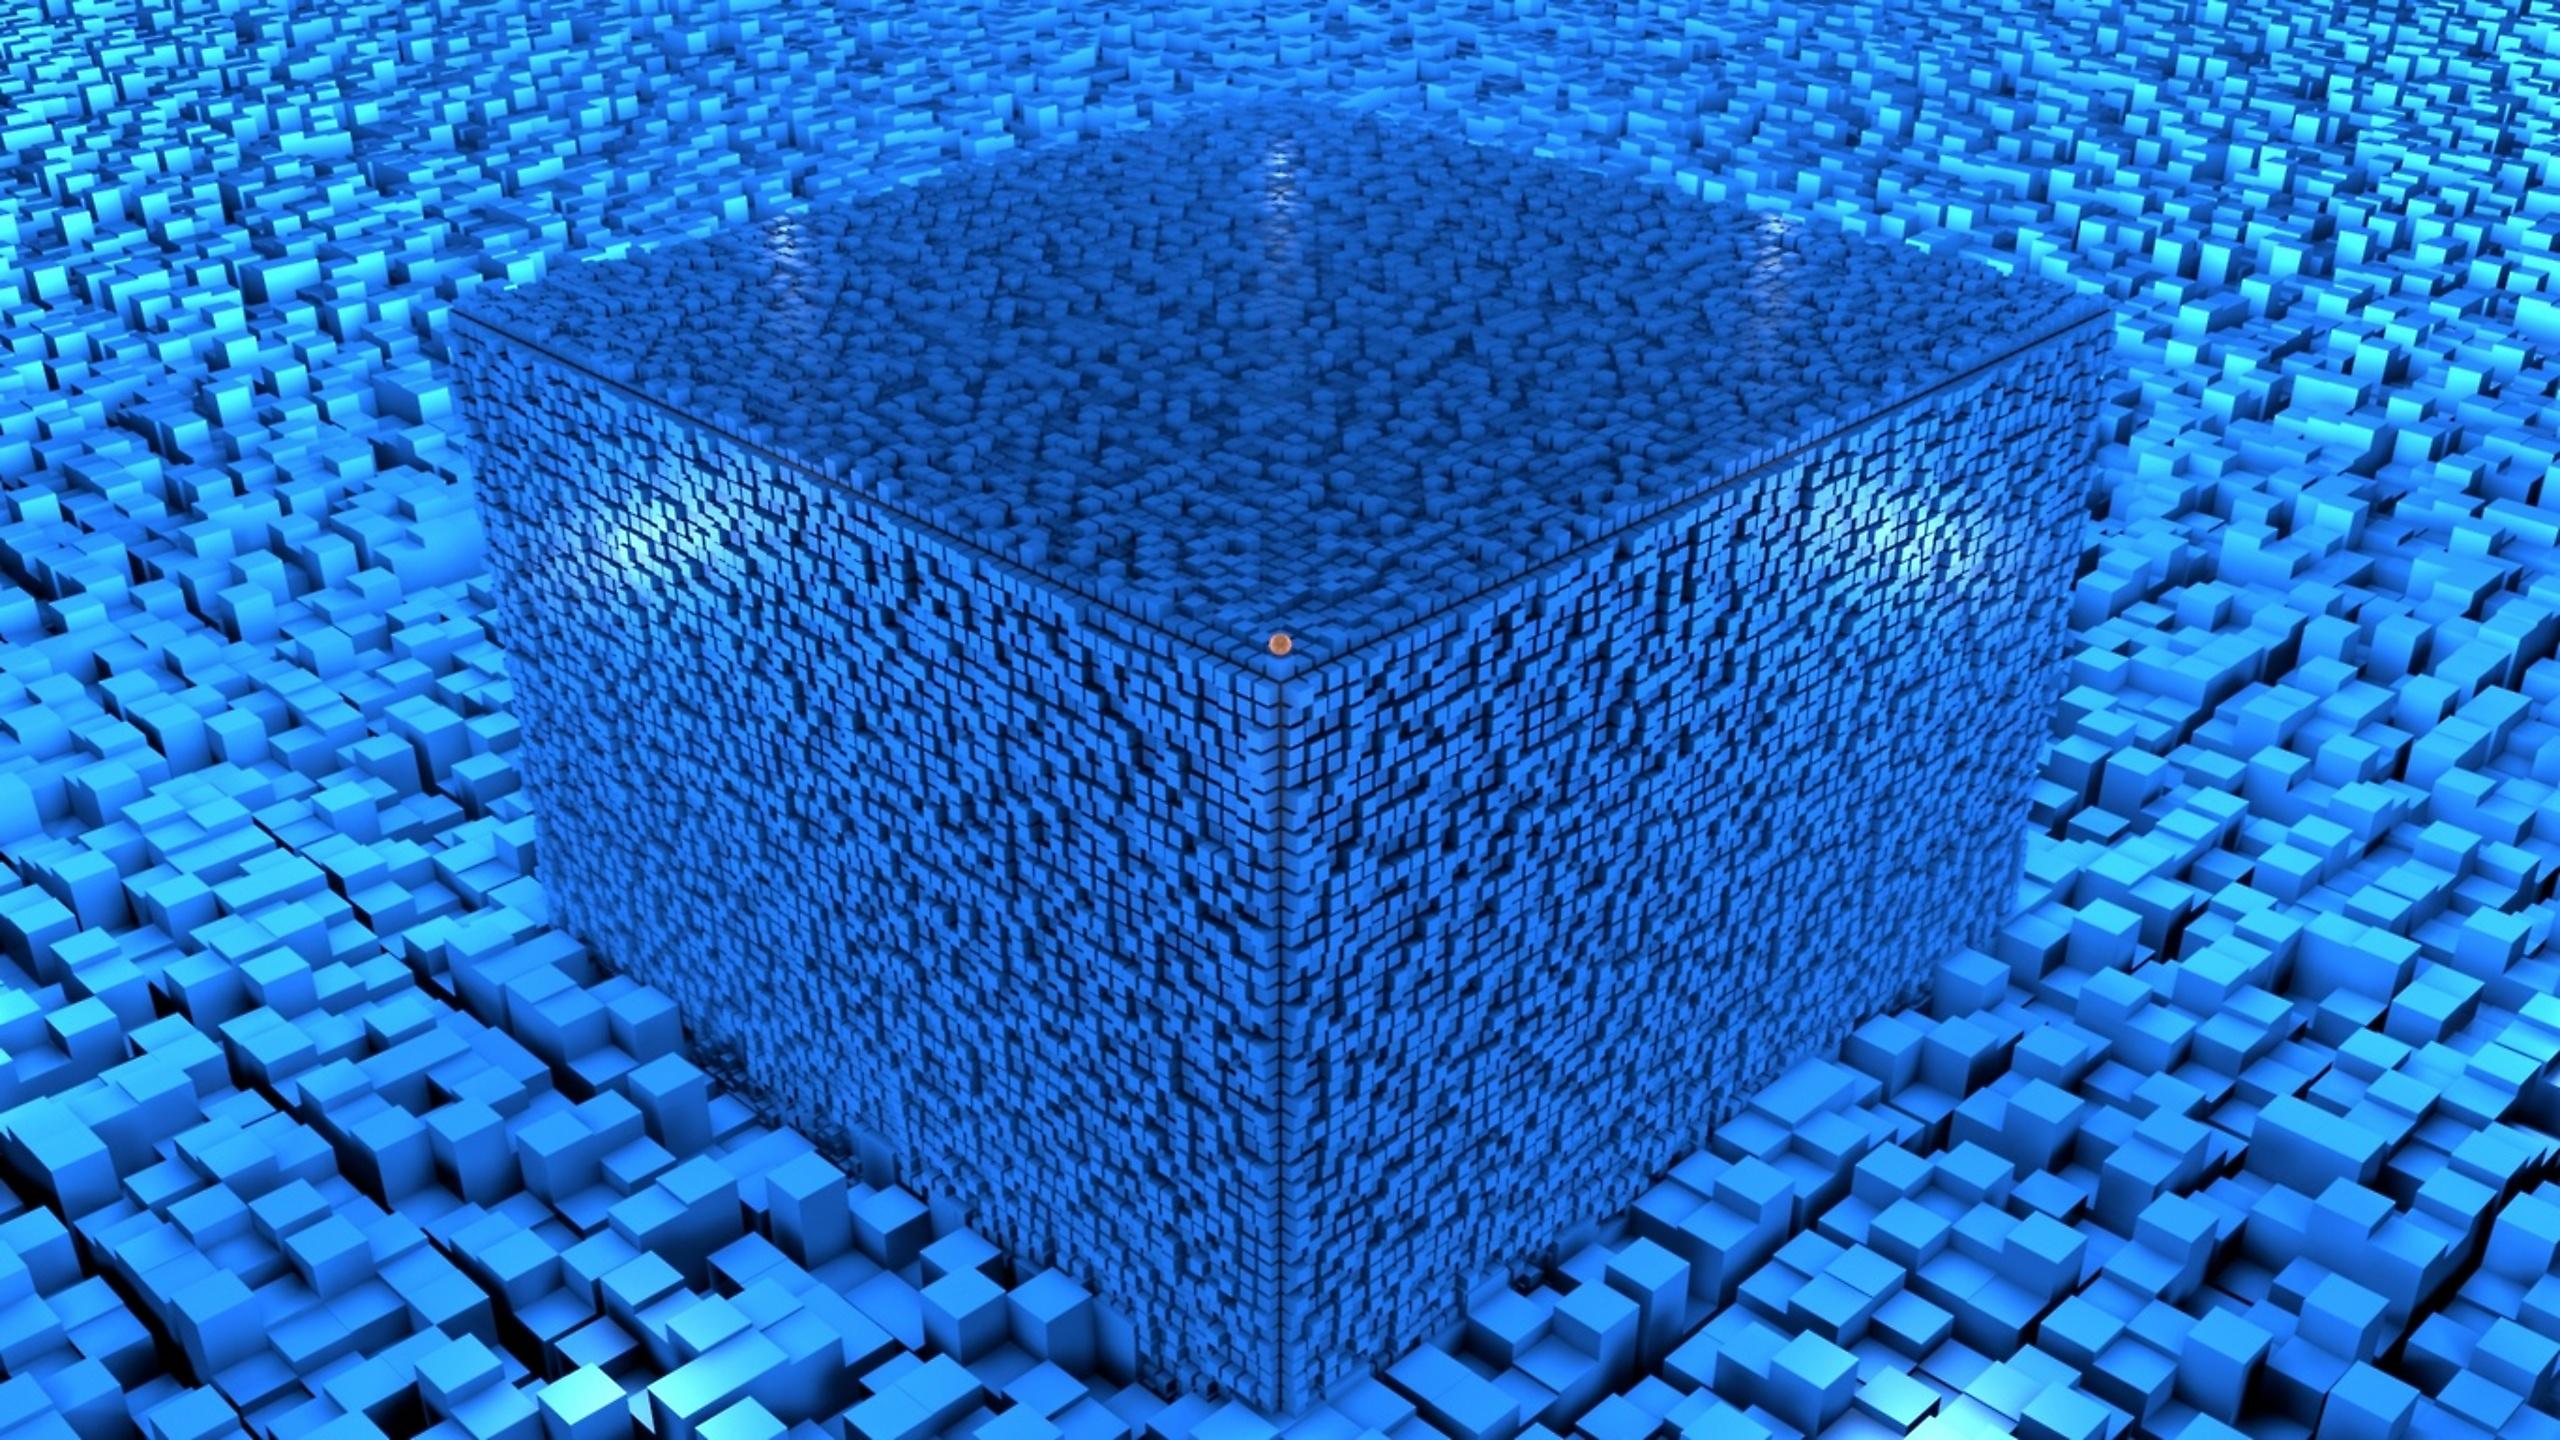 прозрачный кубик  № 2465618 без смс